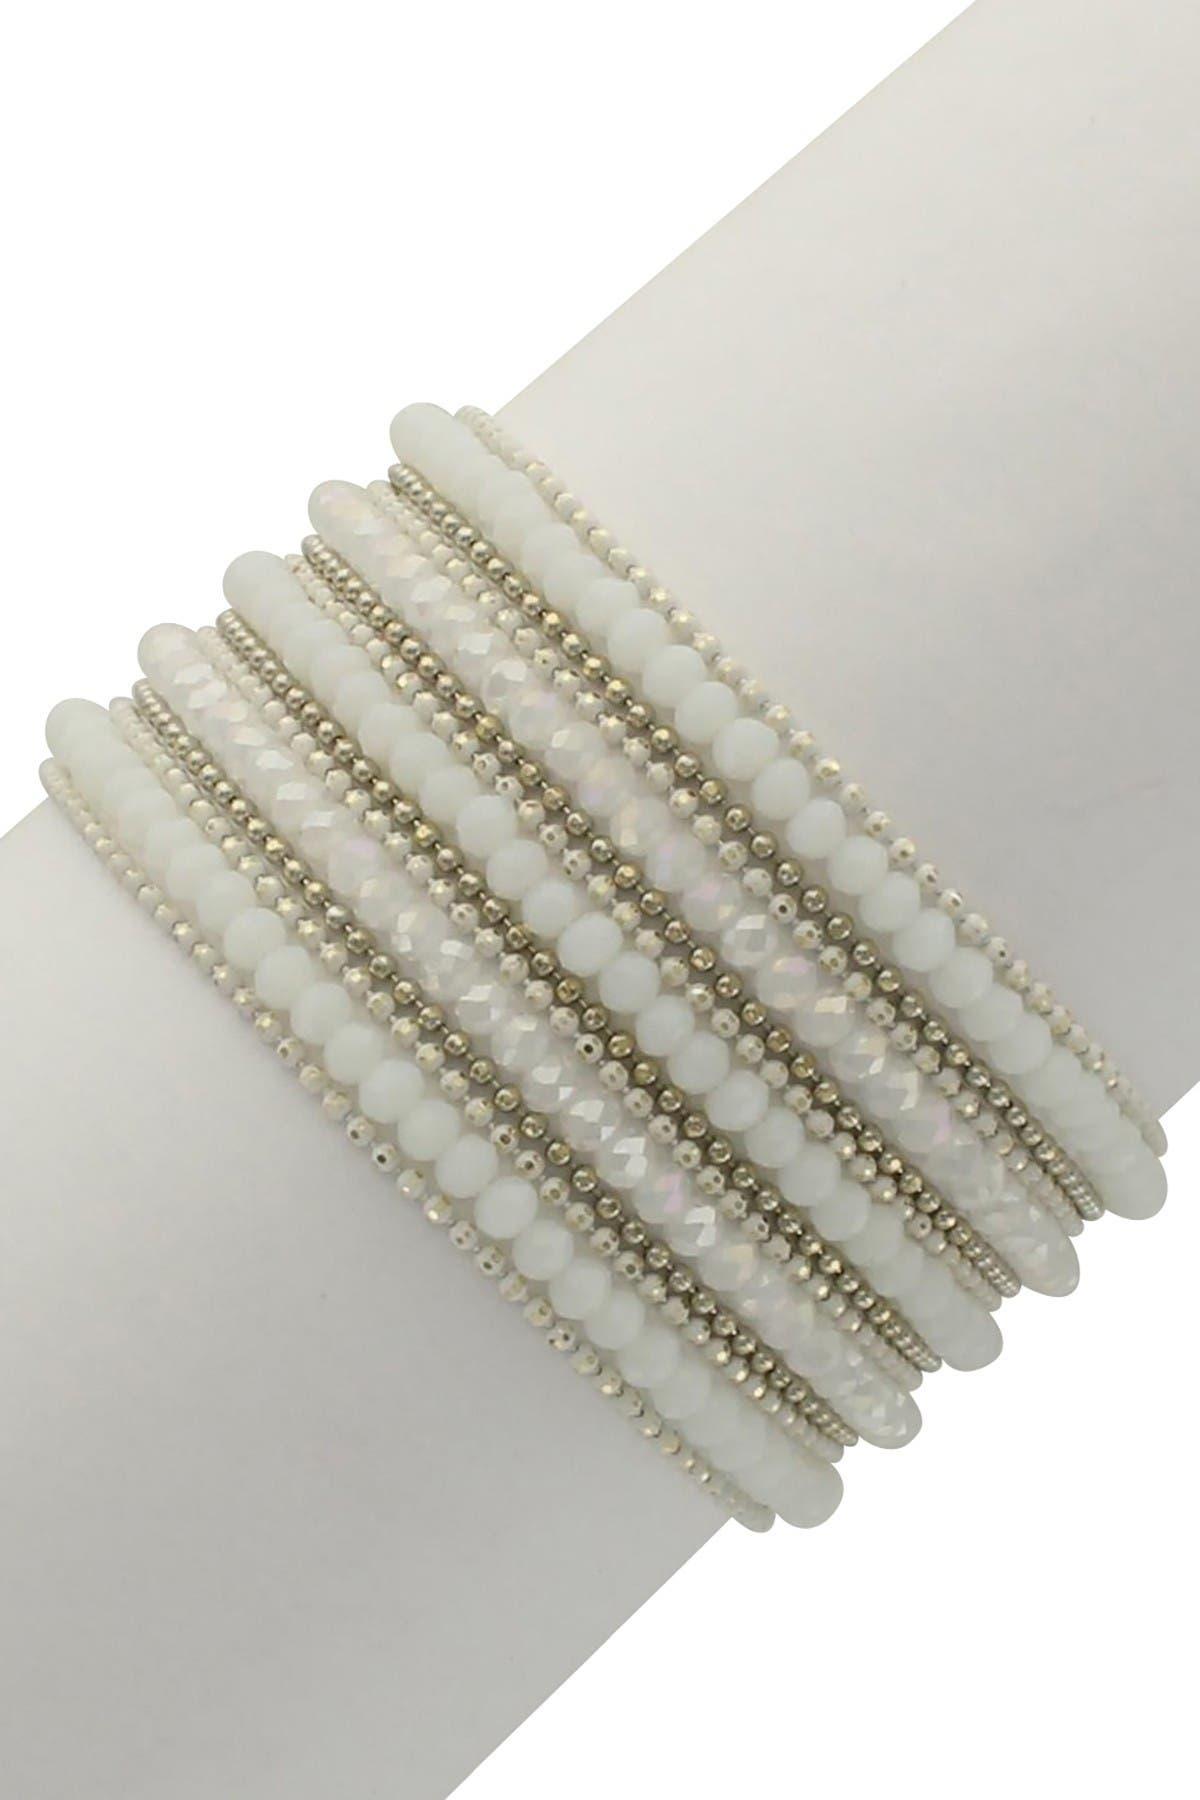 Image of Olivia Welles Shannon Beaded White Crystal & Resin Multi Strand Bracelet